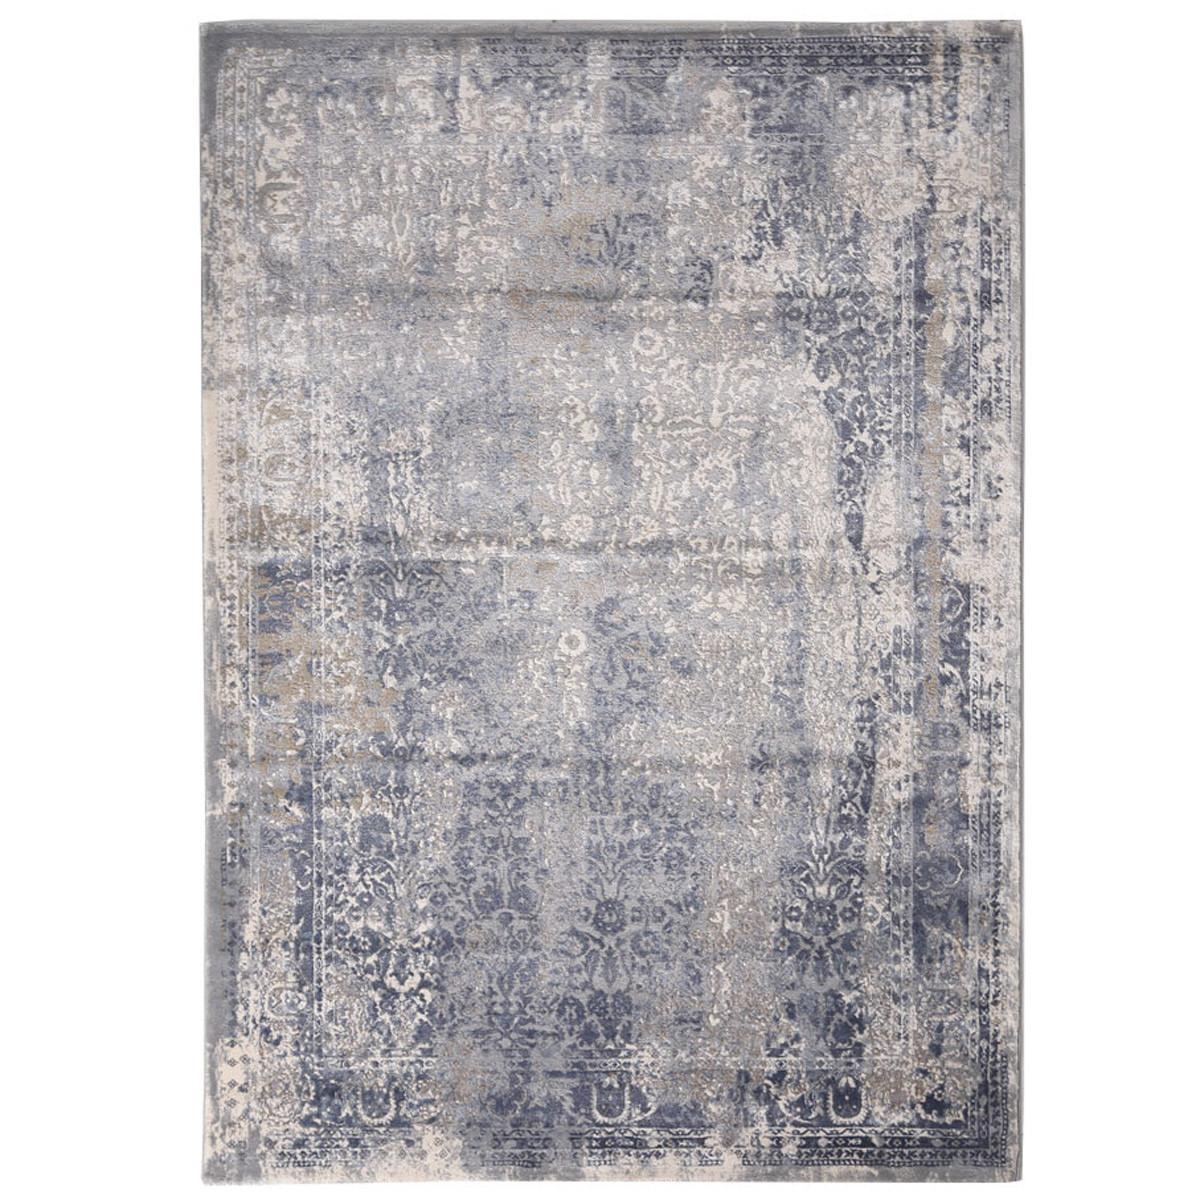 Χαλιά Κρεβατοκάμαρας (Σετ 3τμχ) Royal Carpets Jersey 176 A